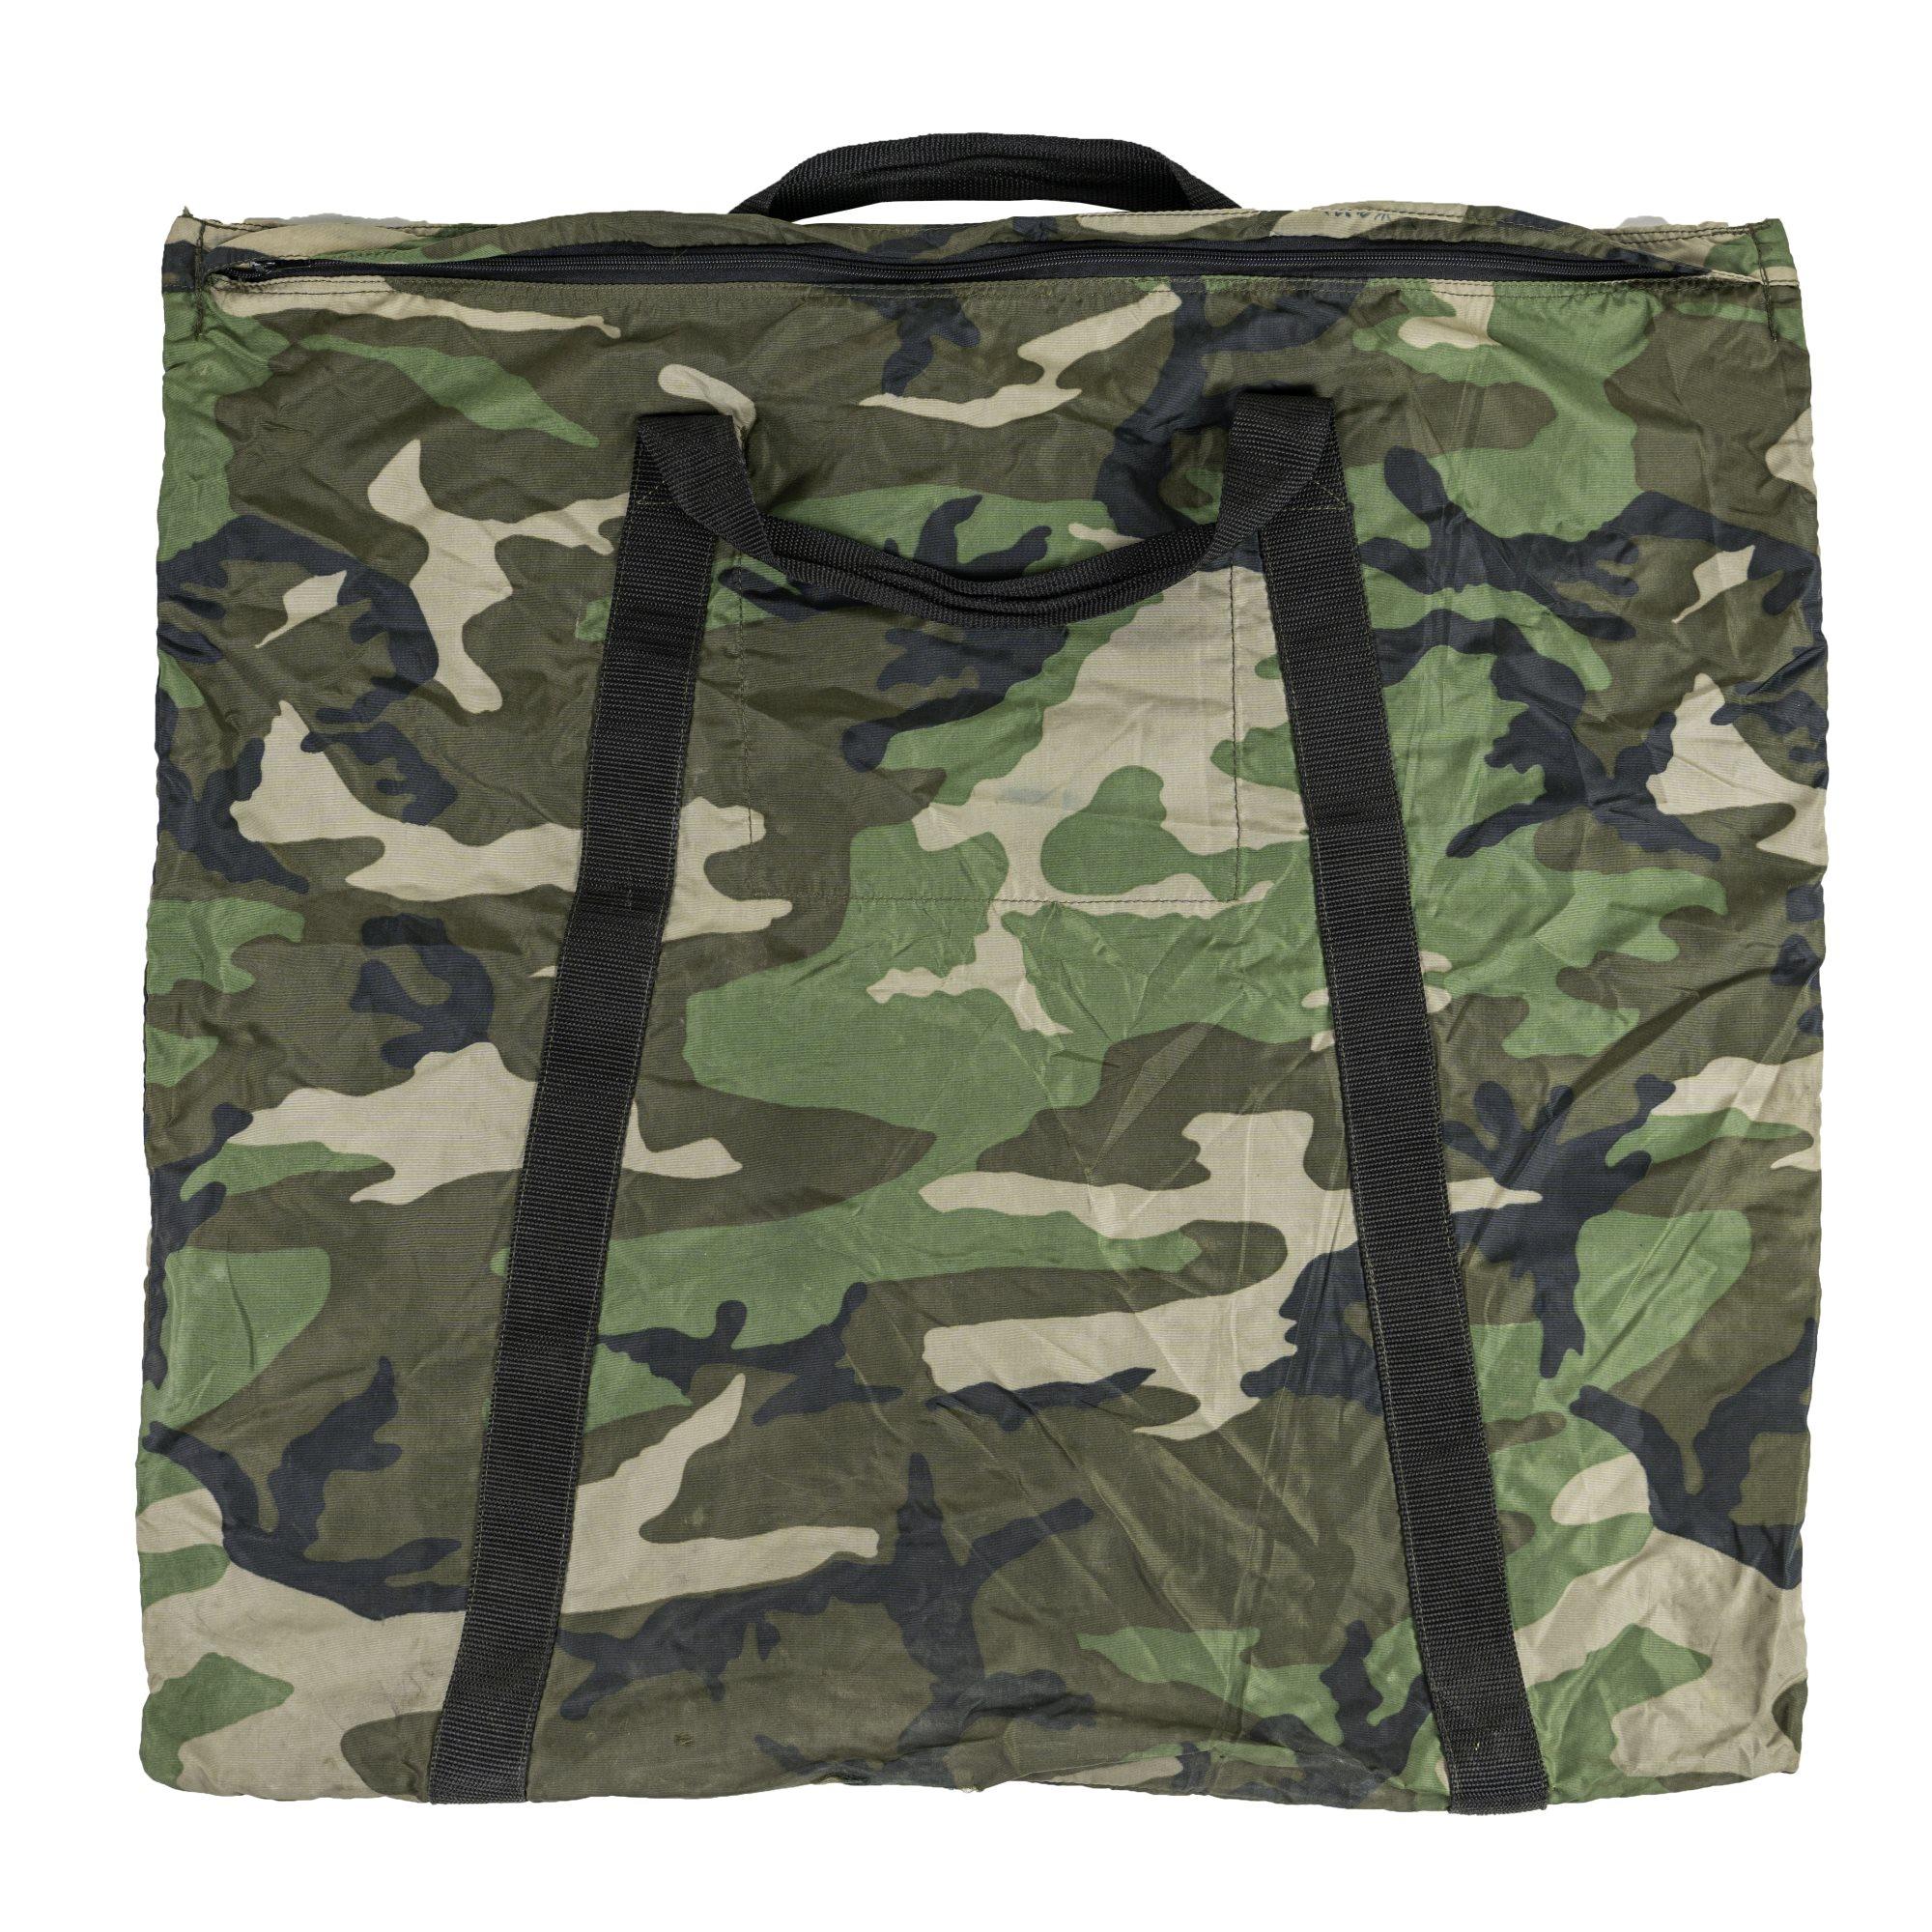 Taška pre vestu taktickú maskovaná vz.97 použitá